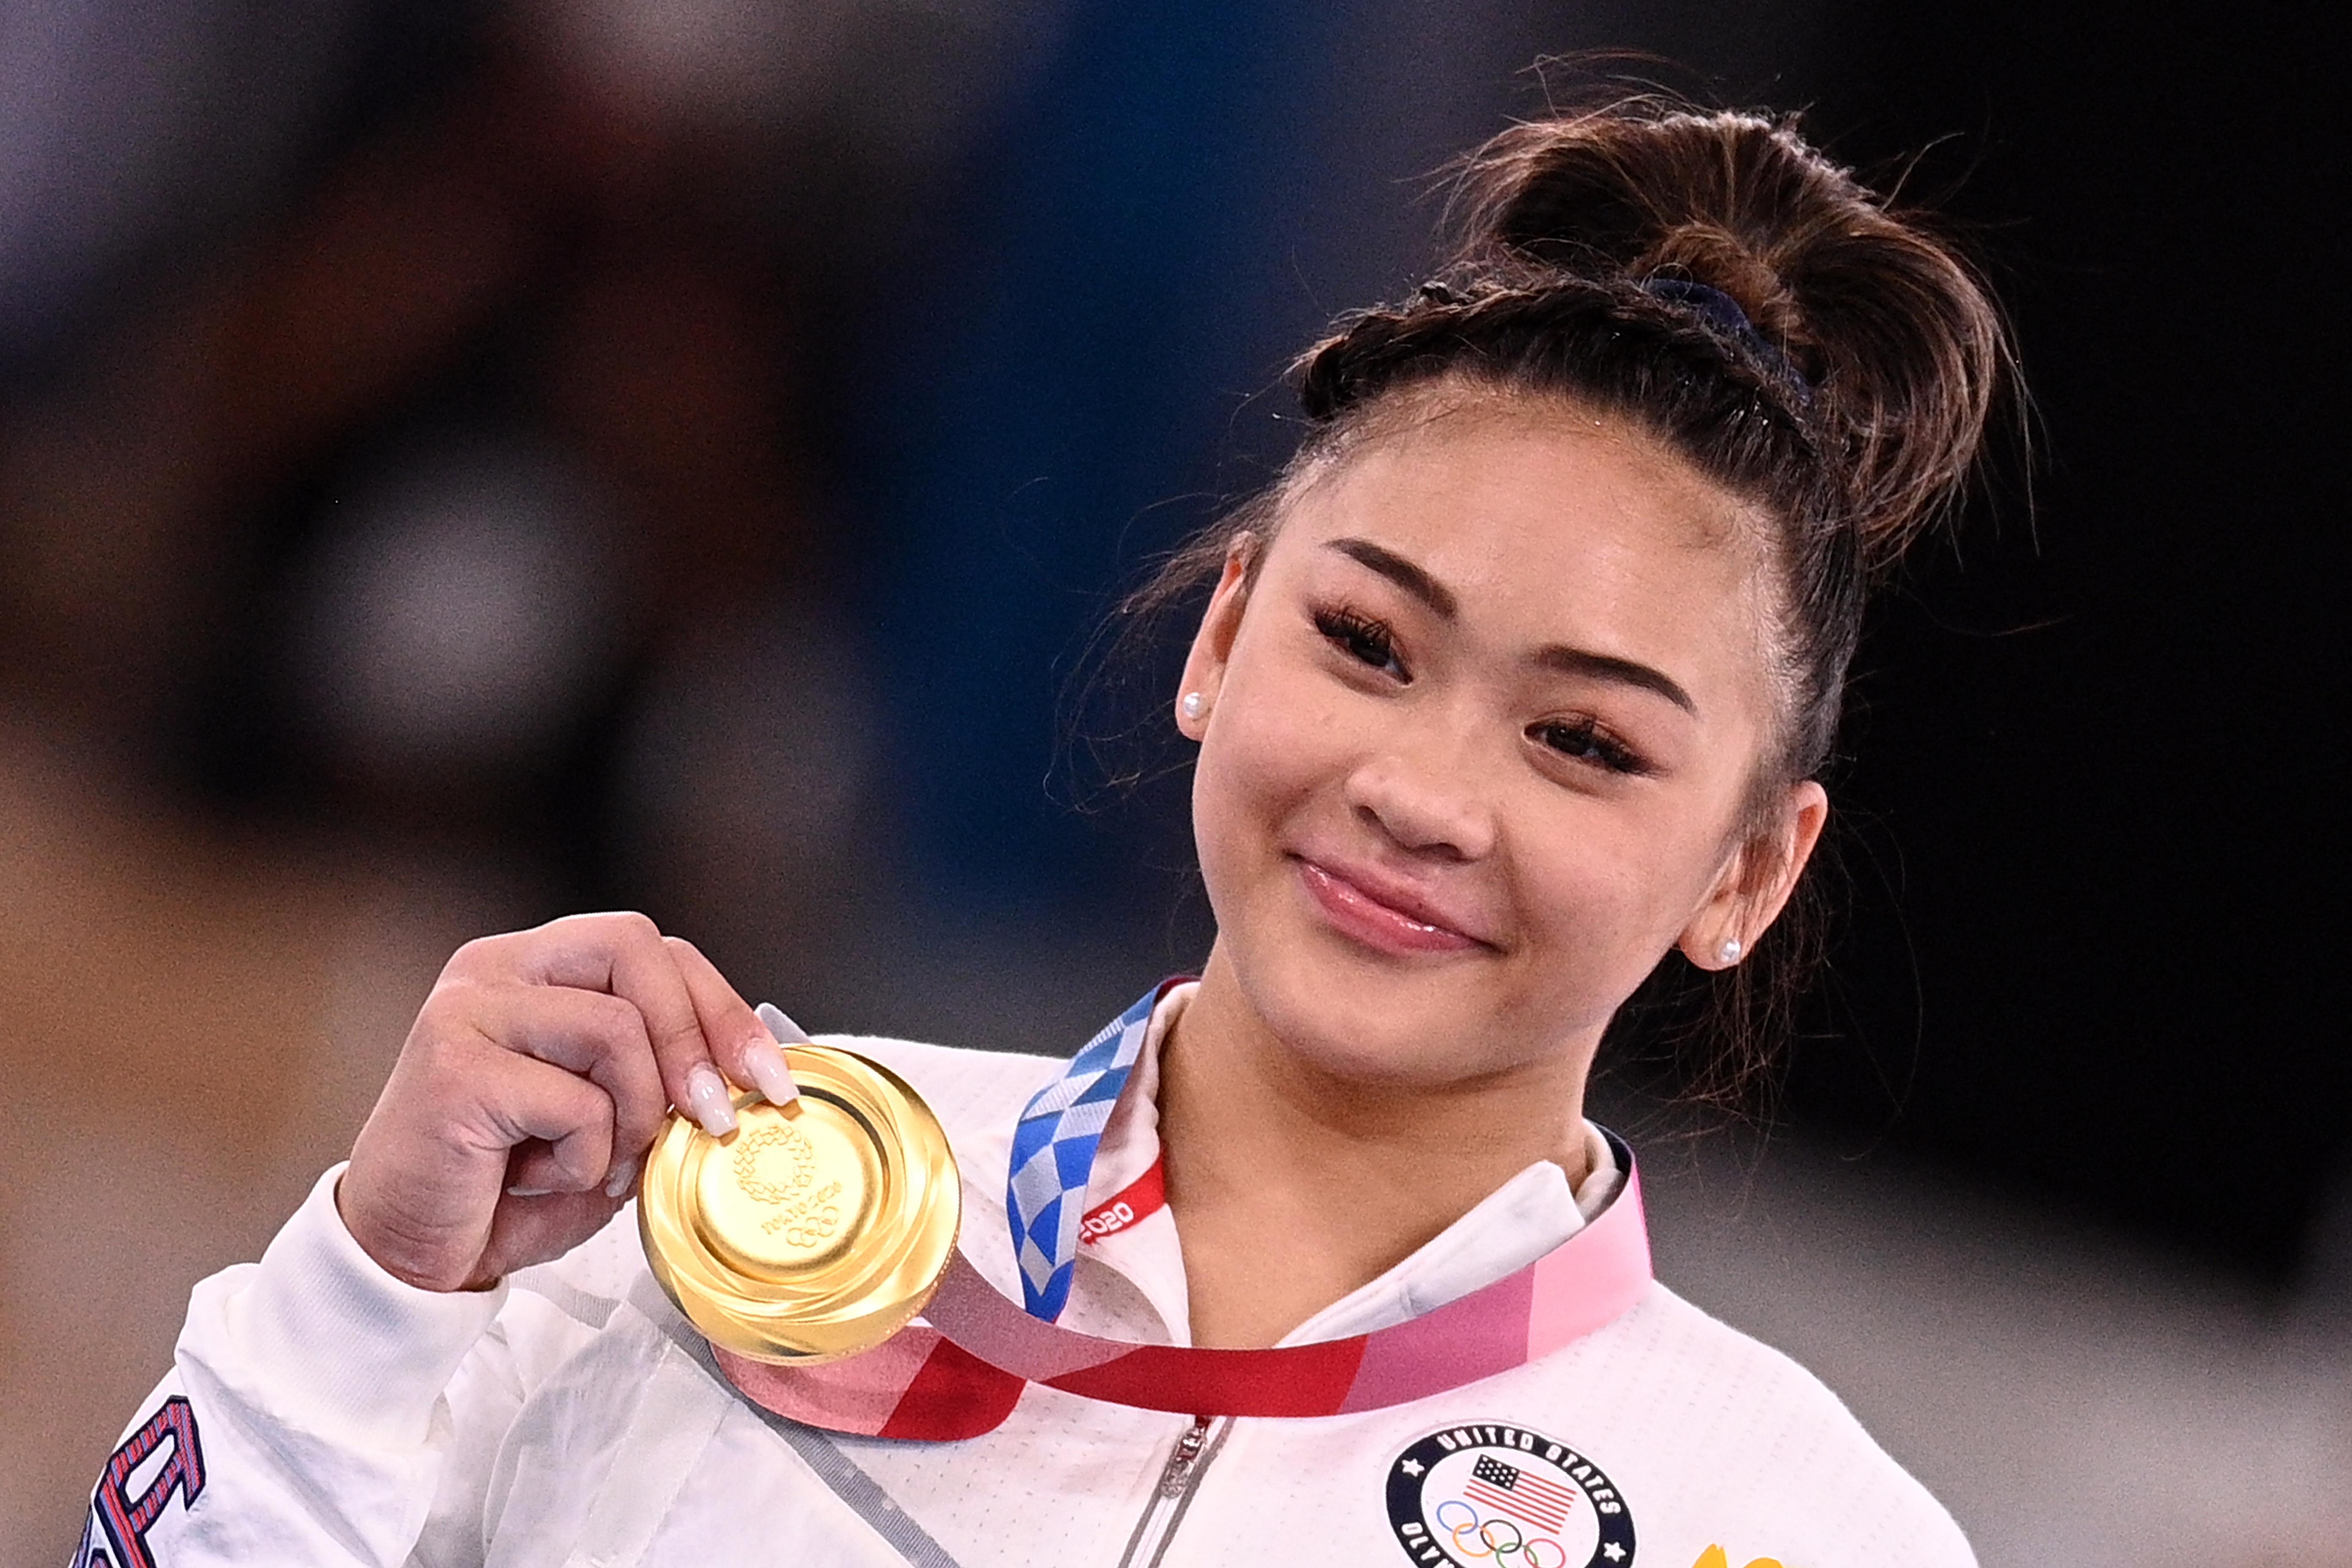 Az amerikai torna legújabb csillaga a világ egyik leghányatottabb sorsú népének is szerzett egy aranyat